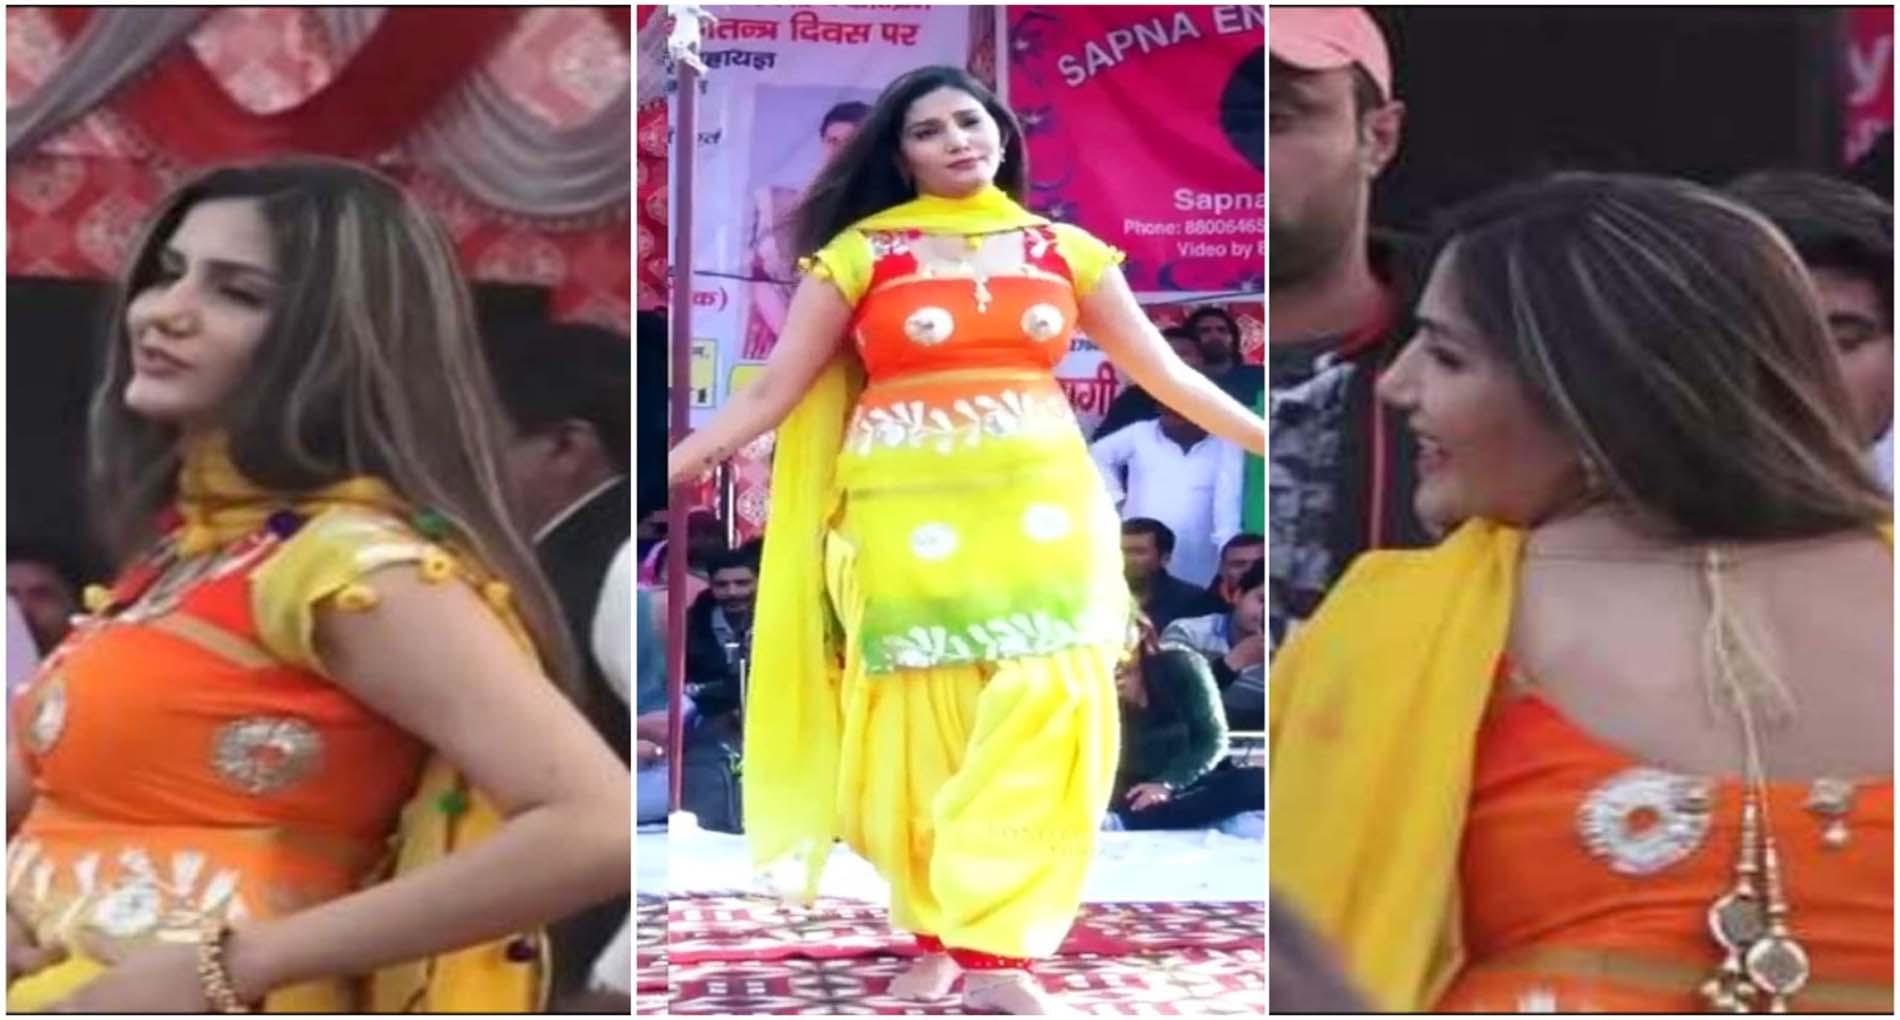 Sapna Choudhary Song: सपना चौधरी के नए गाने ने मचाया धमाल, सपना का डांस देख फैंस हुए दीवाने